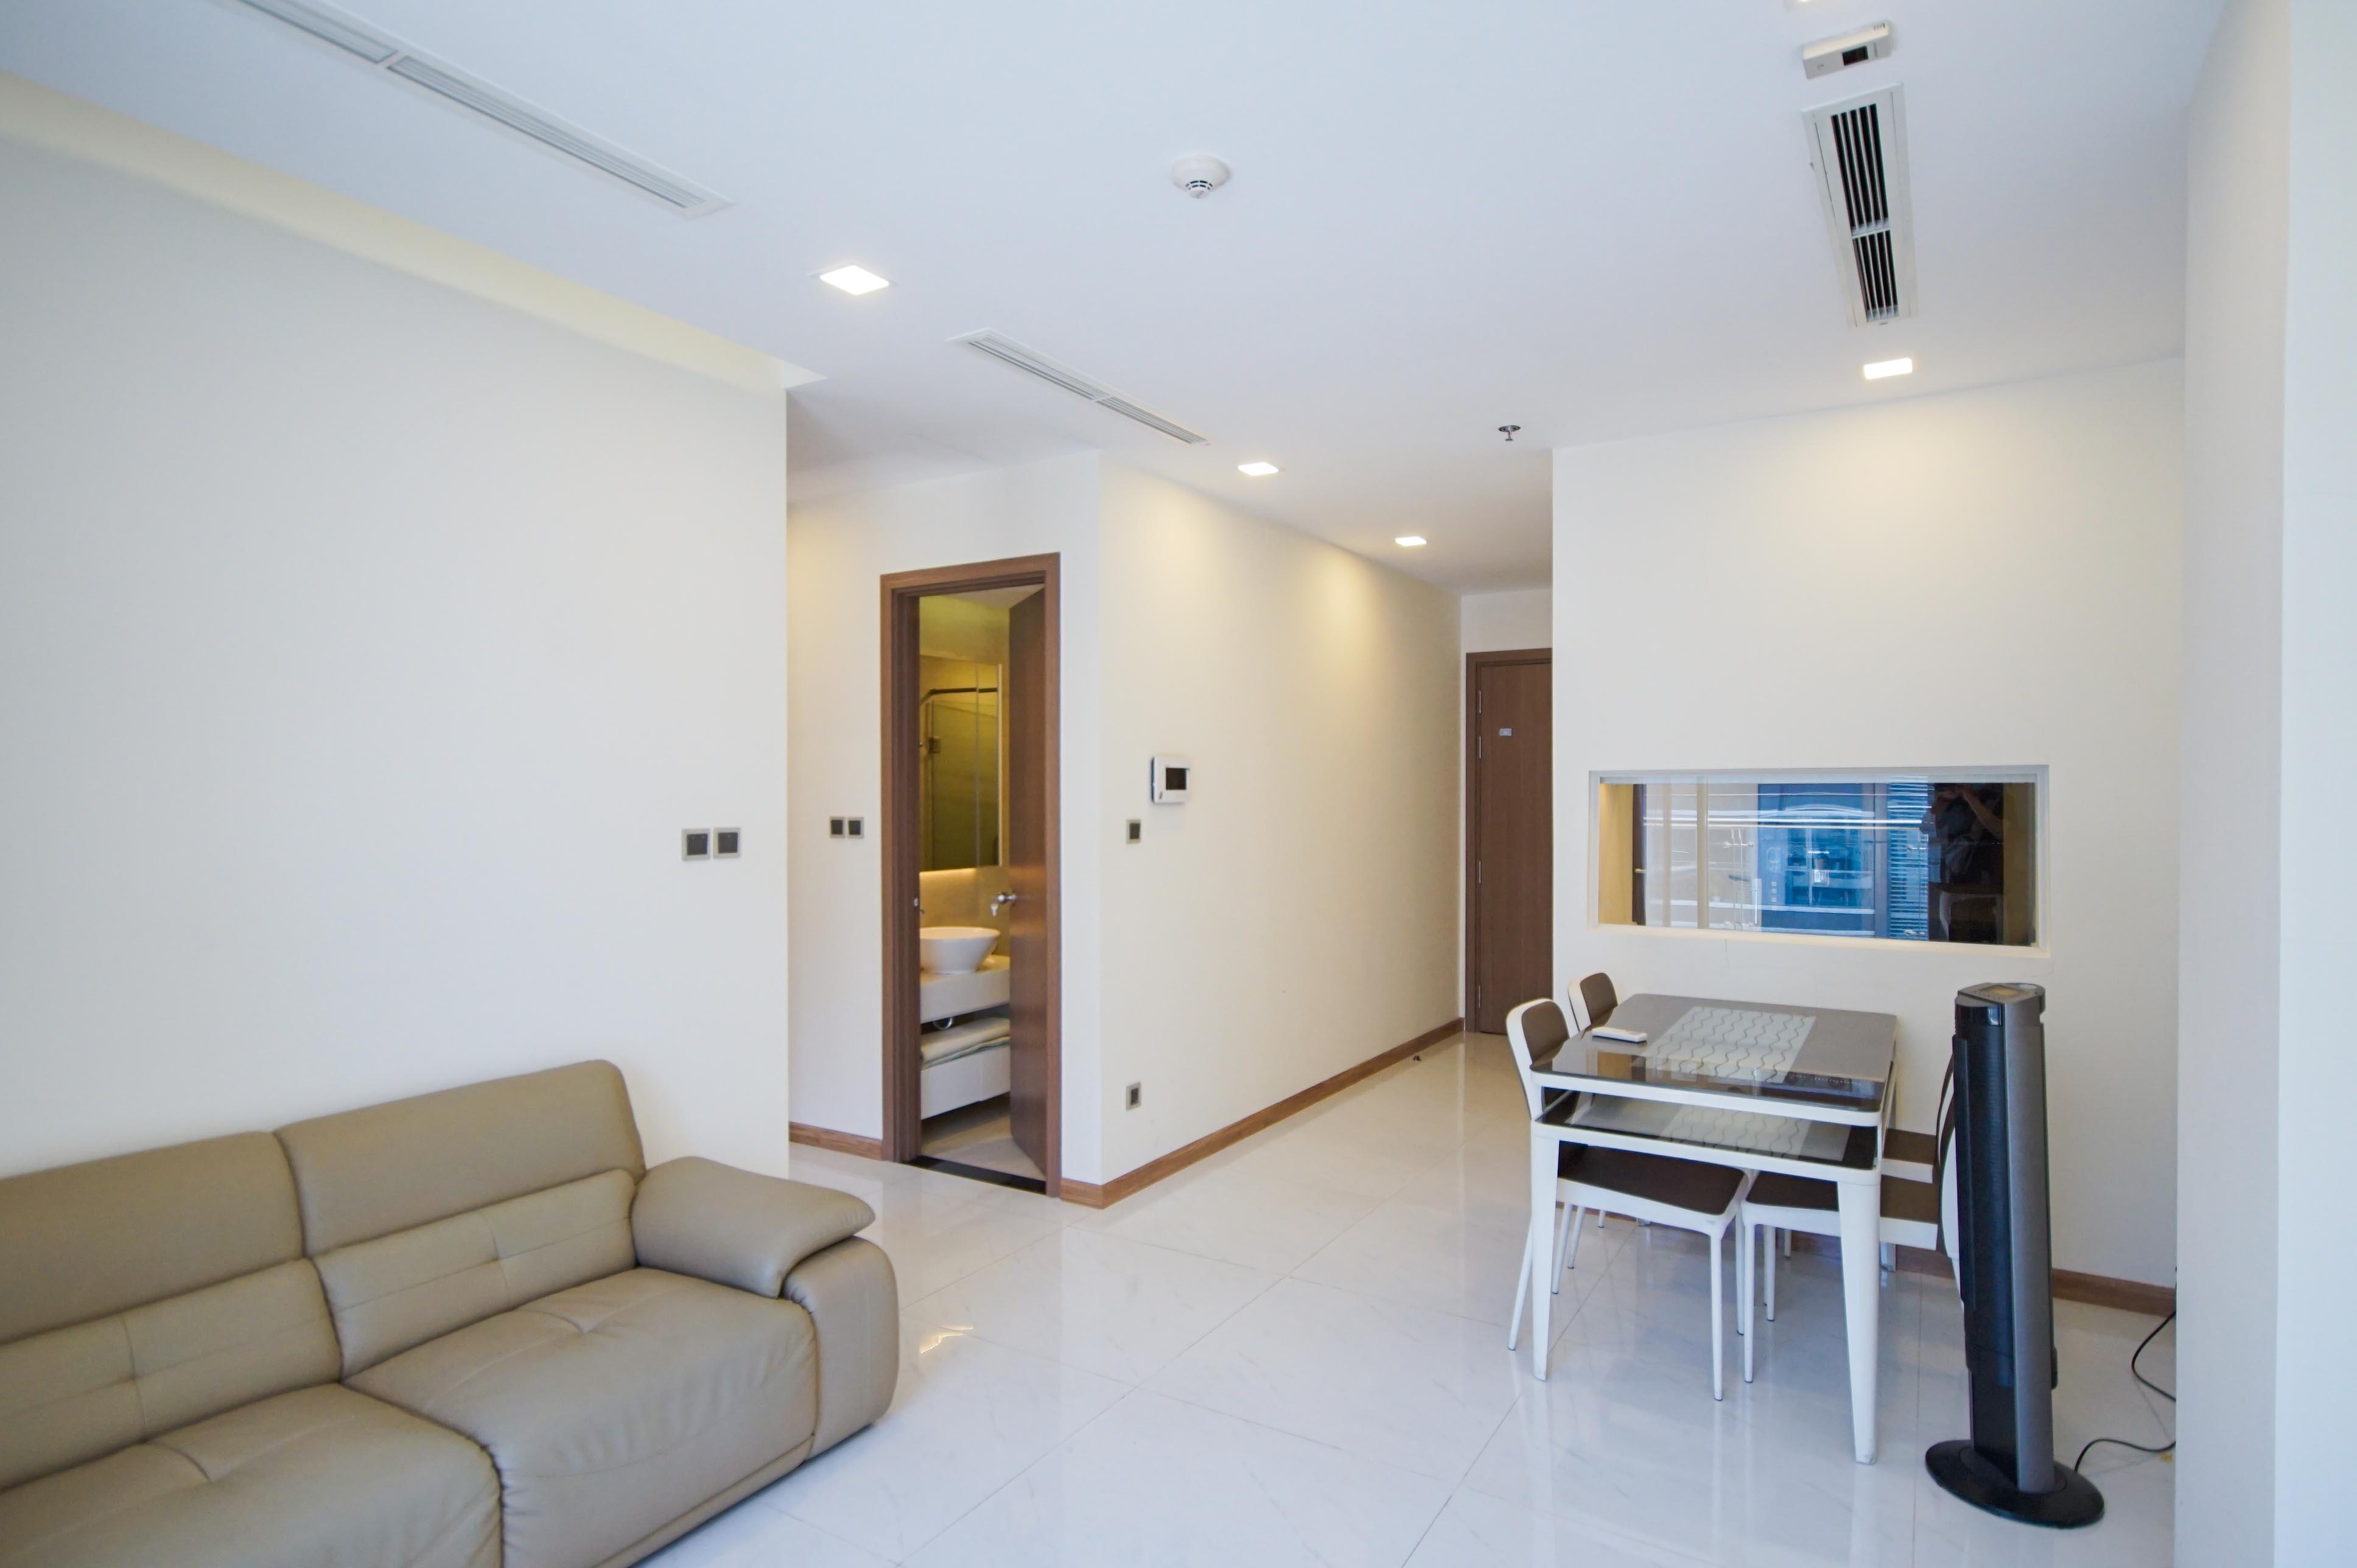 Cho Thuê Căn hộ 2 PN Vinhomes Central Park - Phòng Ngủ Đón Nắng -4